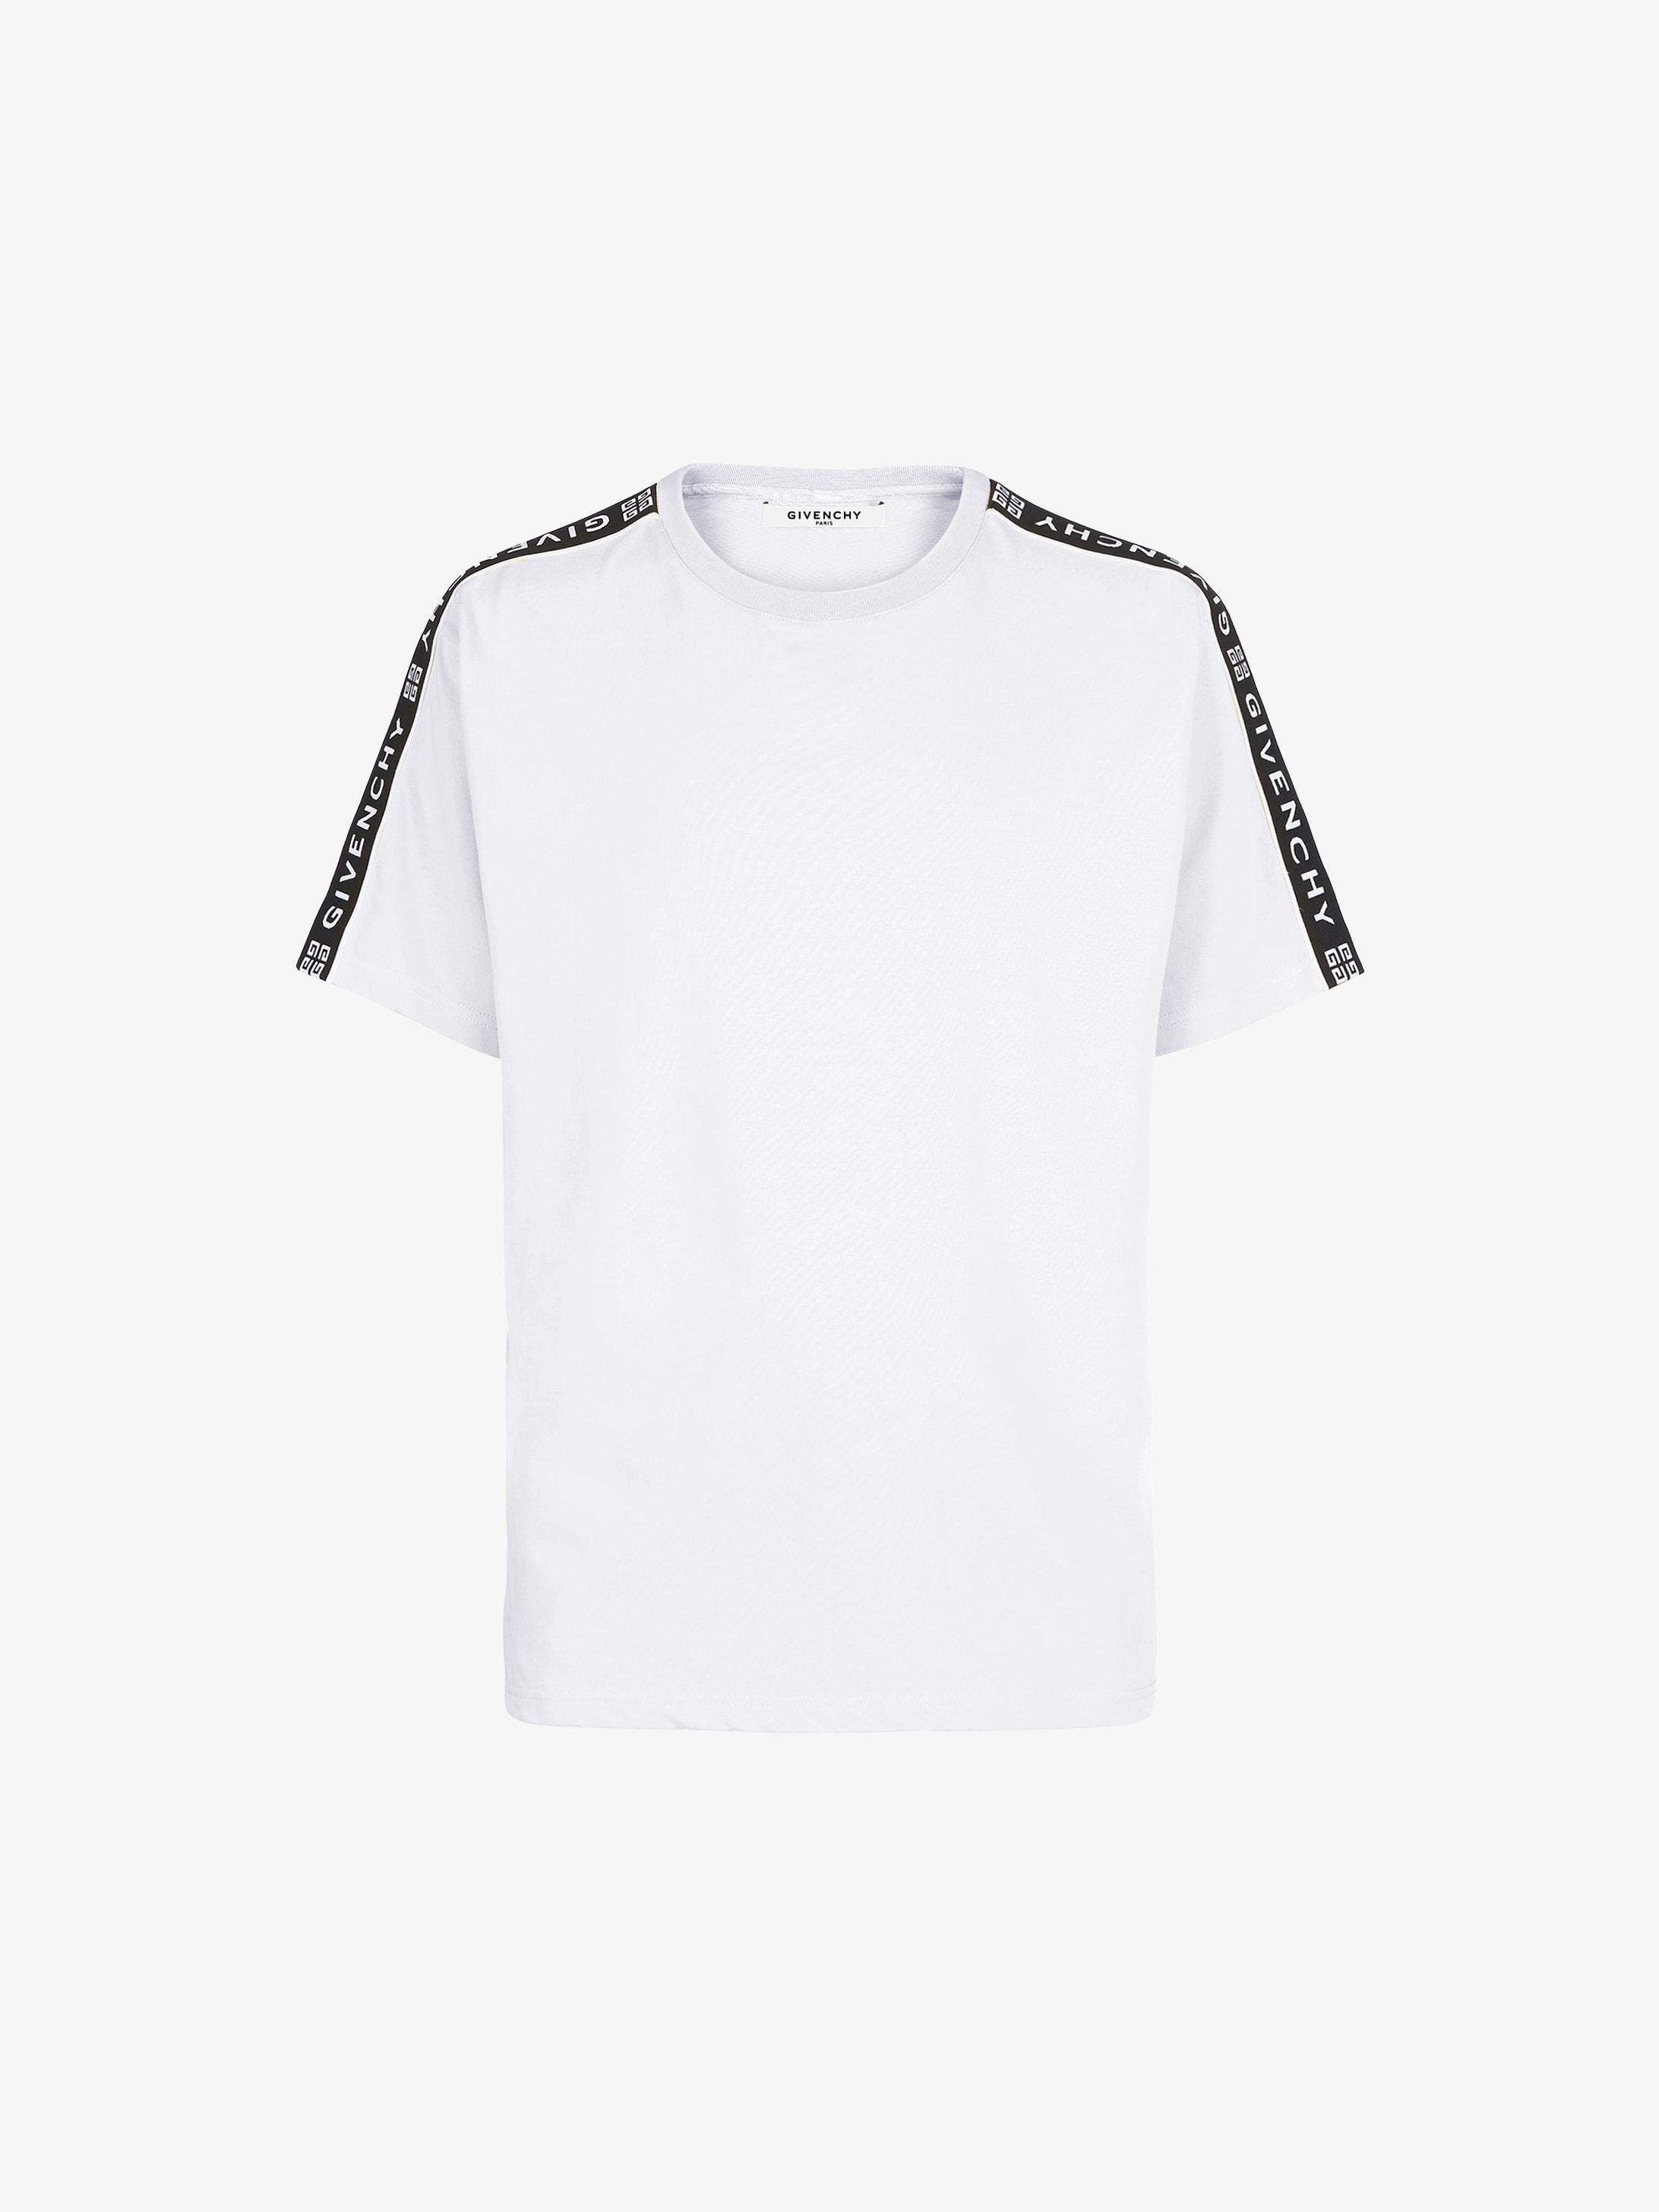 T-shirt GIVENCHY 4G